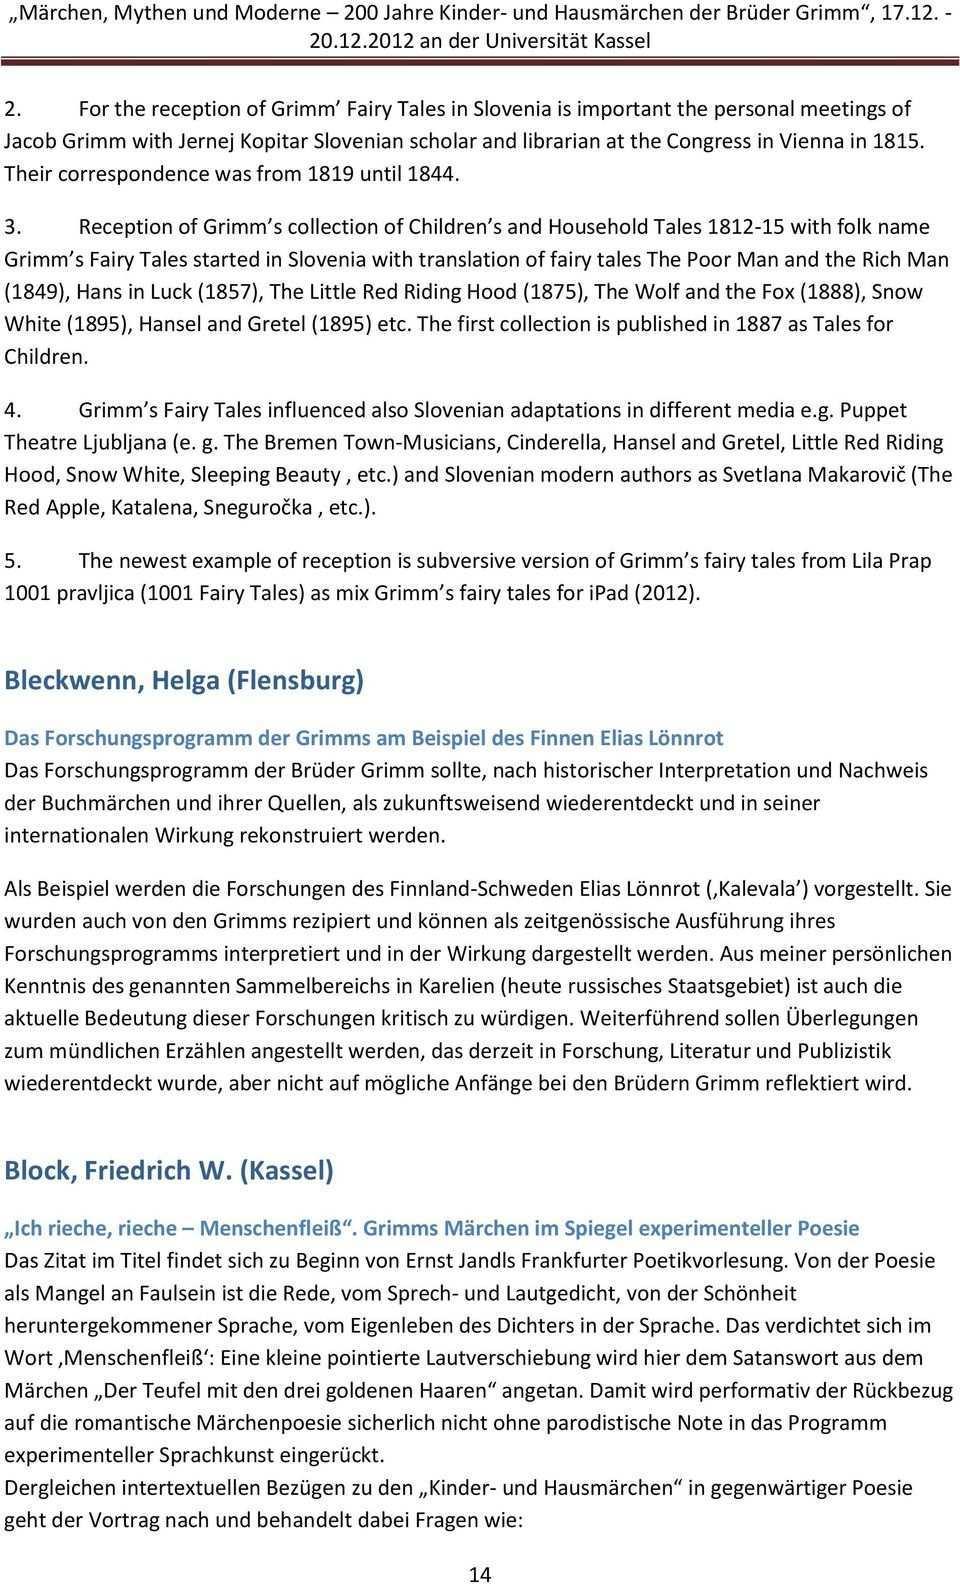 Marchen Mythen Und Moderne 200 Jahre Kinder Und Hausmarchen Der Bruder Grimm An Der Universitat Kassel Pdf Free Download